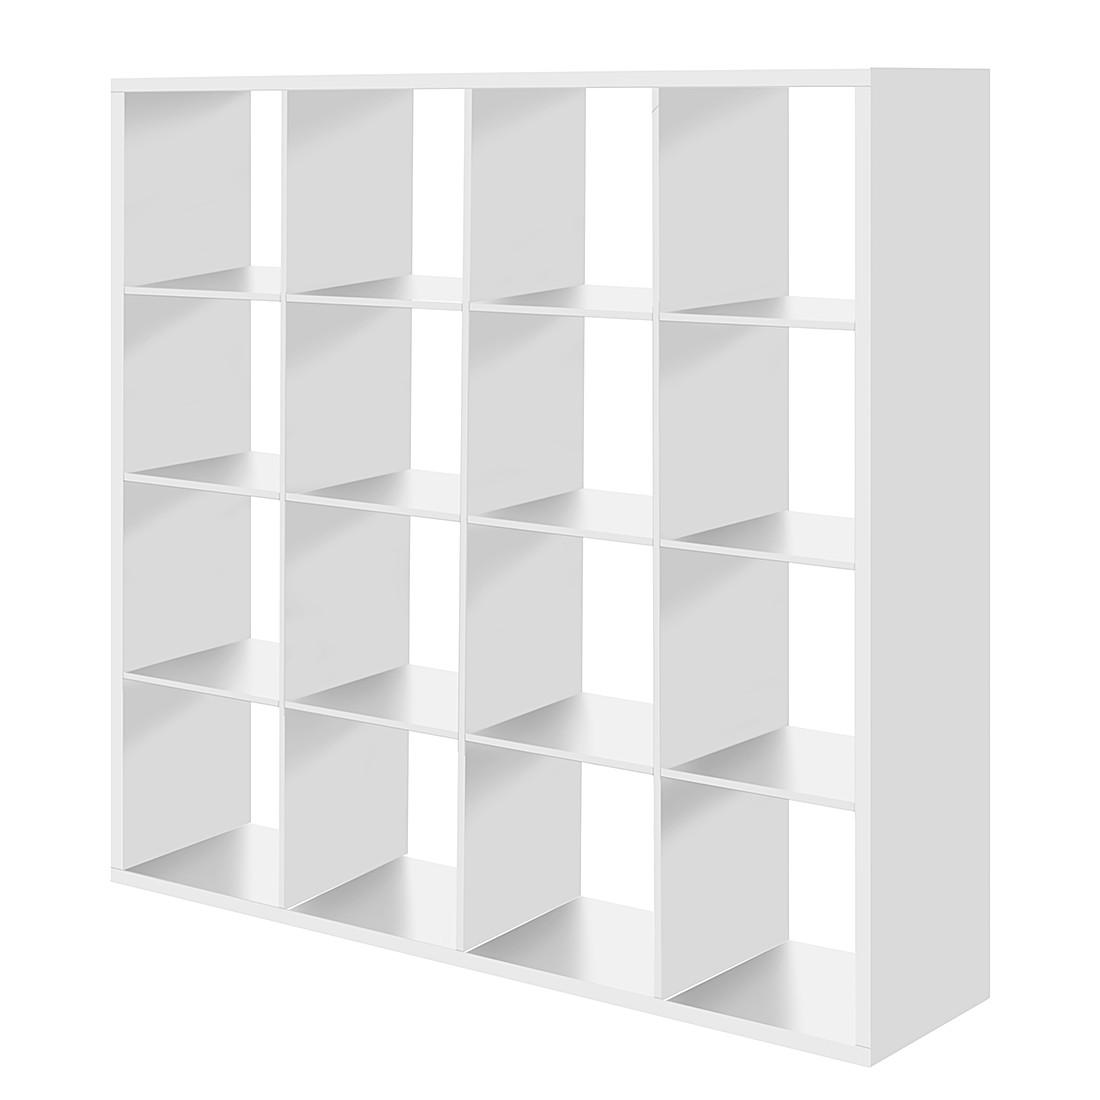 Raumteiler Romeo - Weiß - 16 Fächer